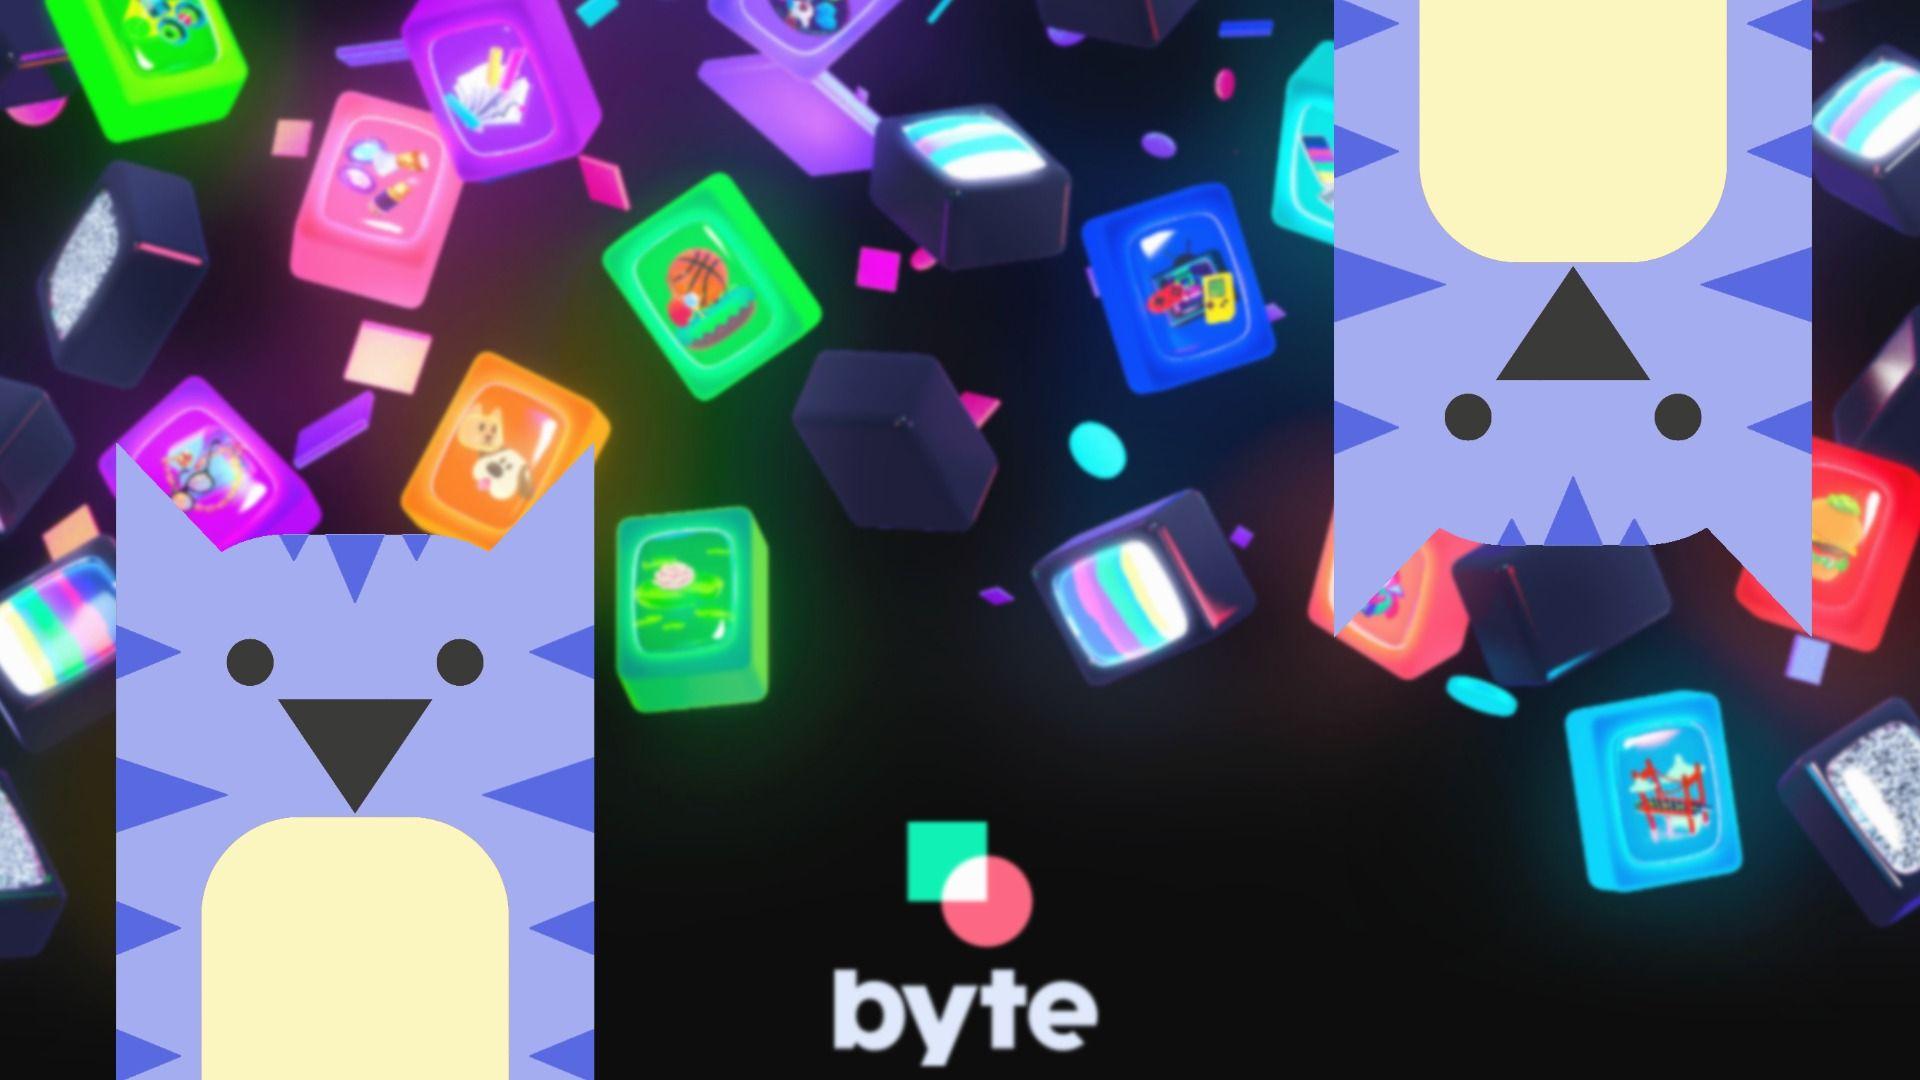 Byte Short Video Community